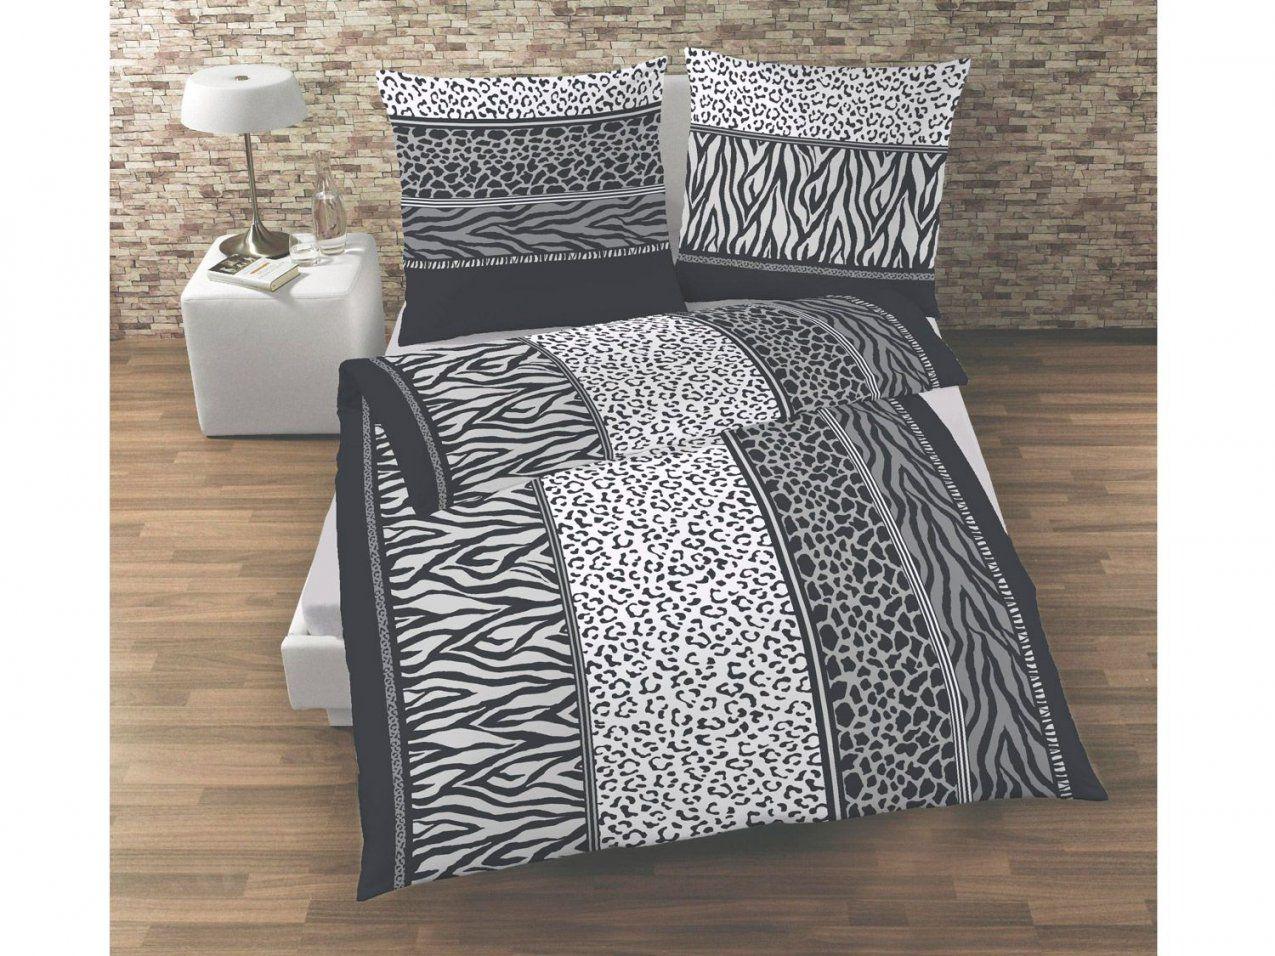 Dobnig Biberbettwäsche Zebradesign 135 X 200 Cm  Lidl von Feinbiber Bettwäsche Lidl Bild